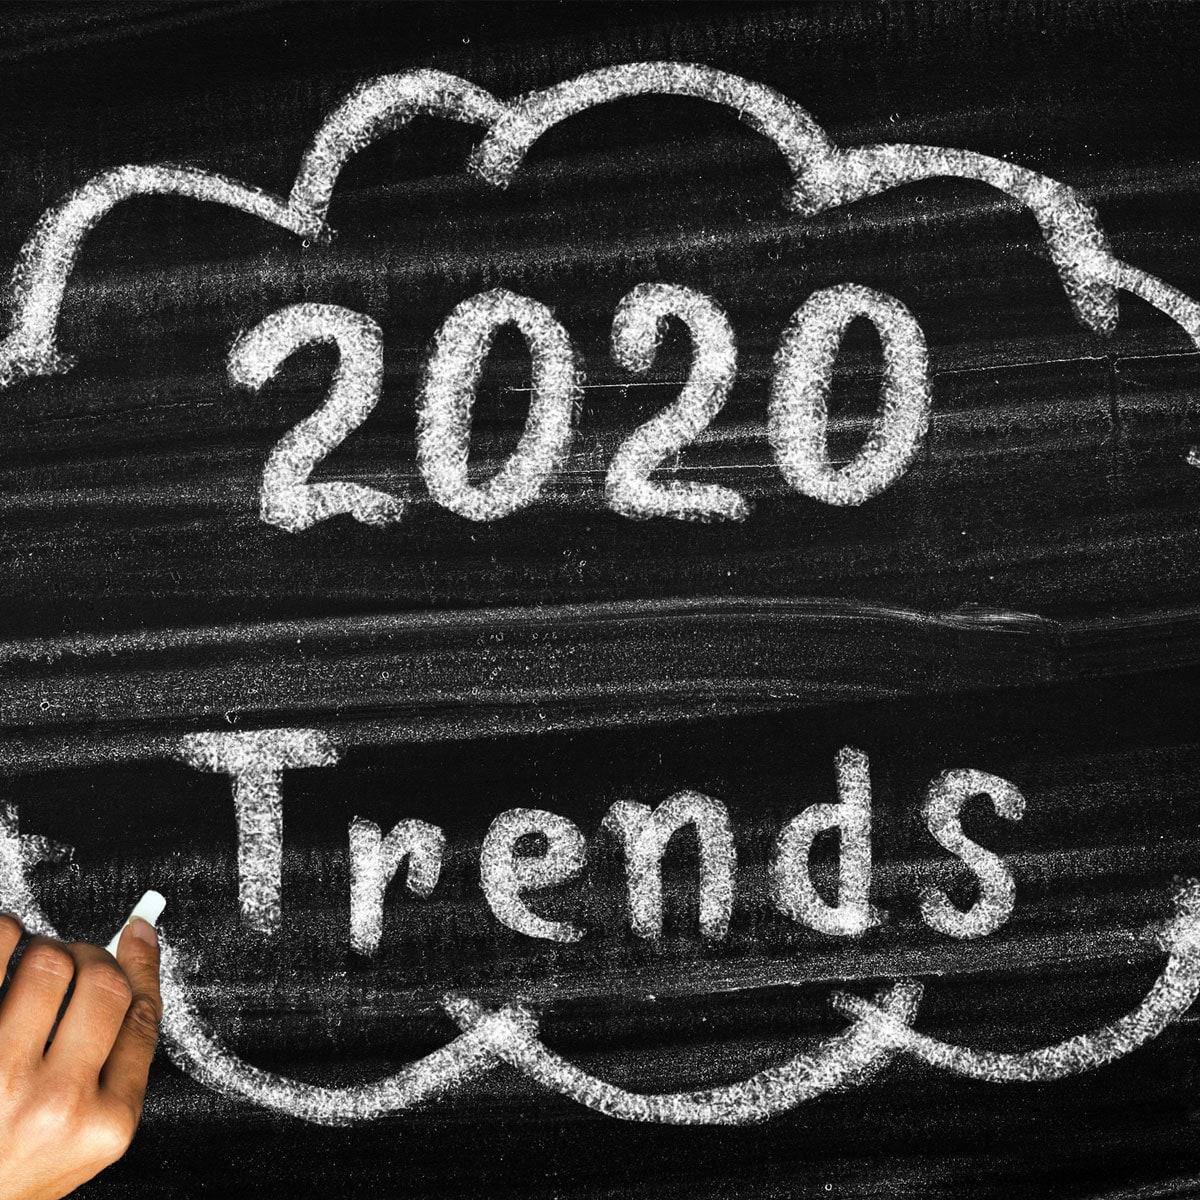 Le tre tendenze del mercato azionario europeo per il 2020